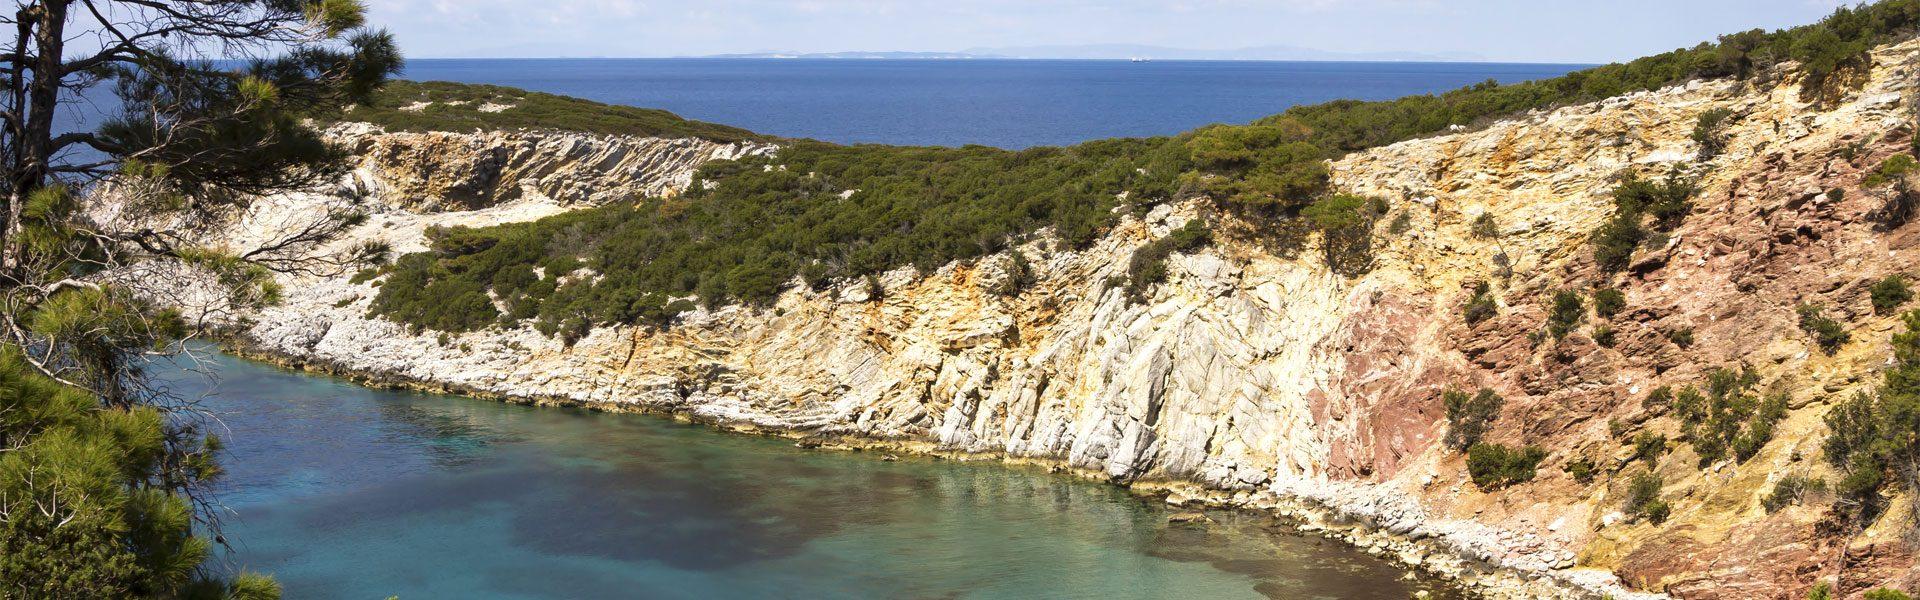 Ταξιδέψτε αεροπορικώς στη Σκύρο για το Καλοκαίρι. Fly & Drive με την Prima Holidays σε όλη την Ελλάδα